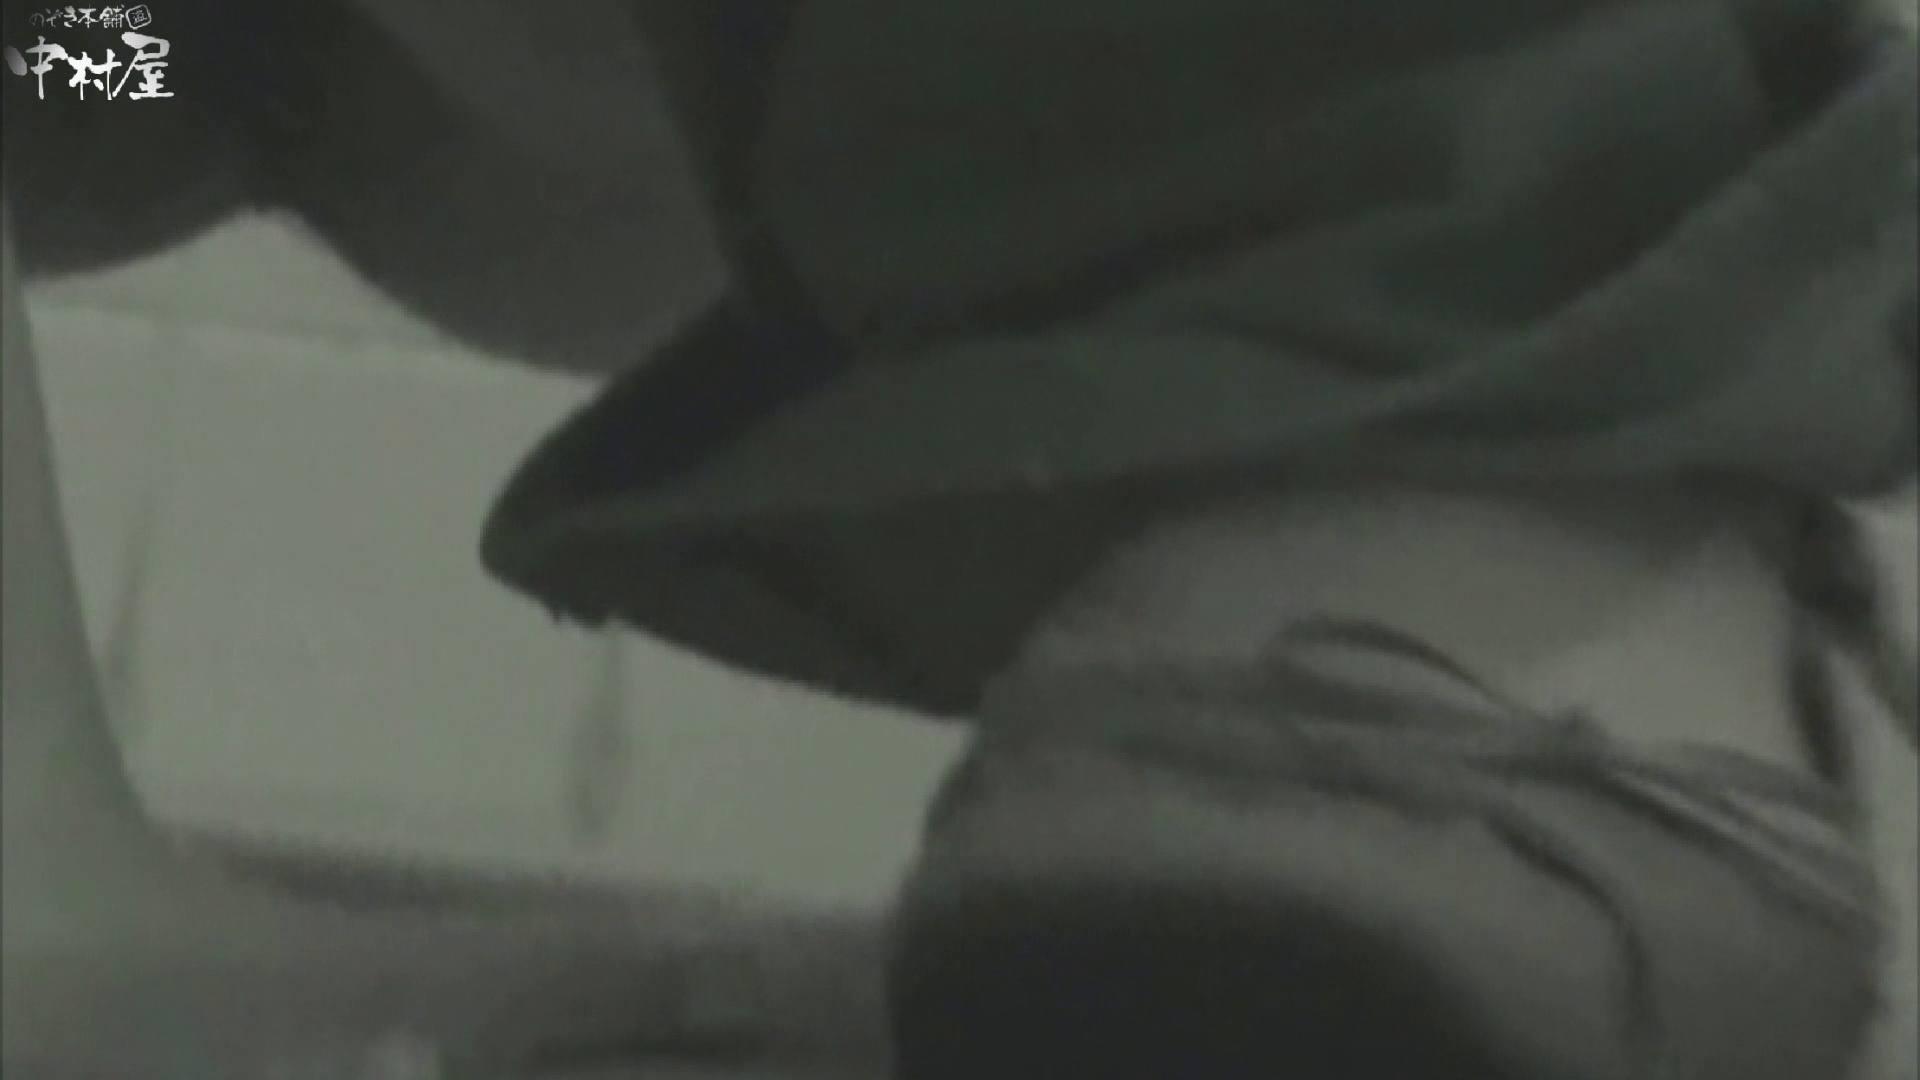 解禁!海の家4カメ洗面所vol.09 ギャルのエロ動画 濡れ場動画紹介 97PIX 29